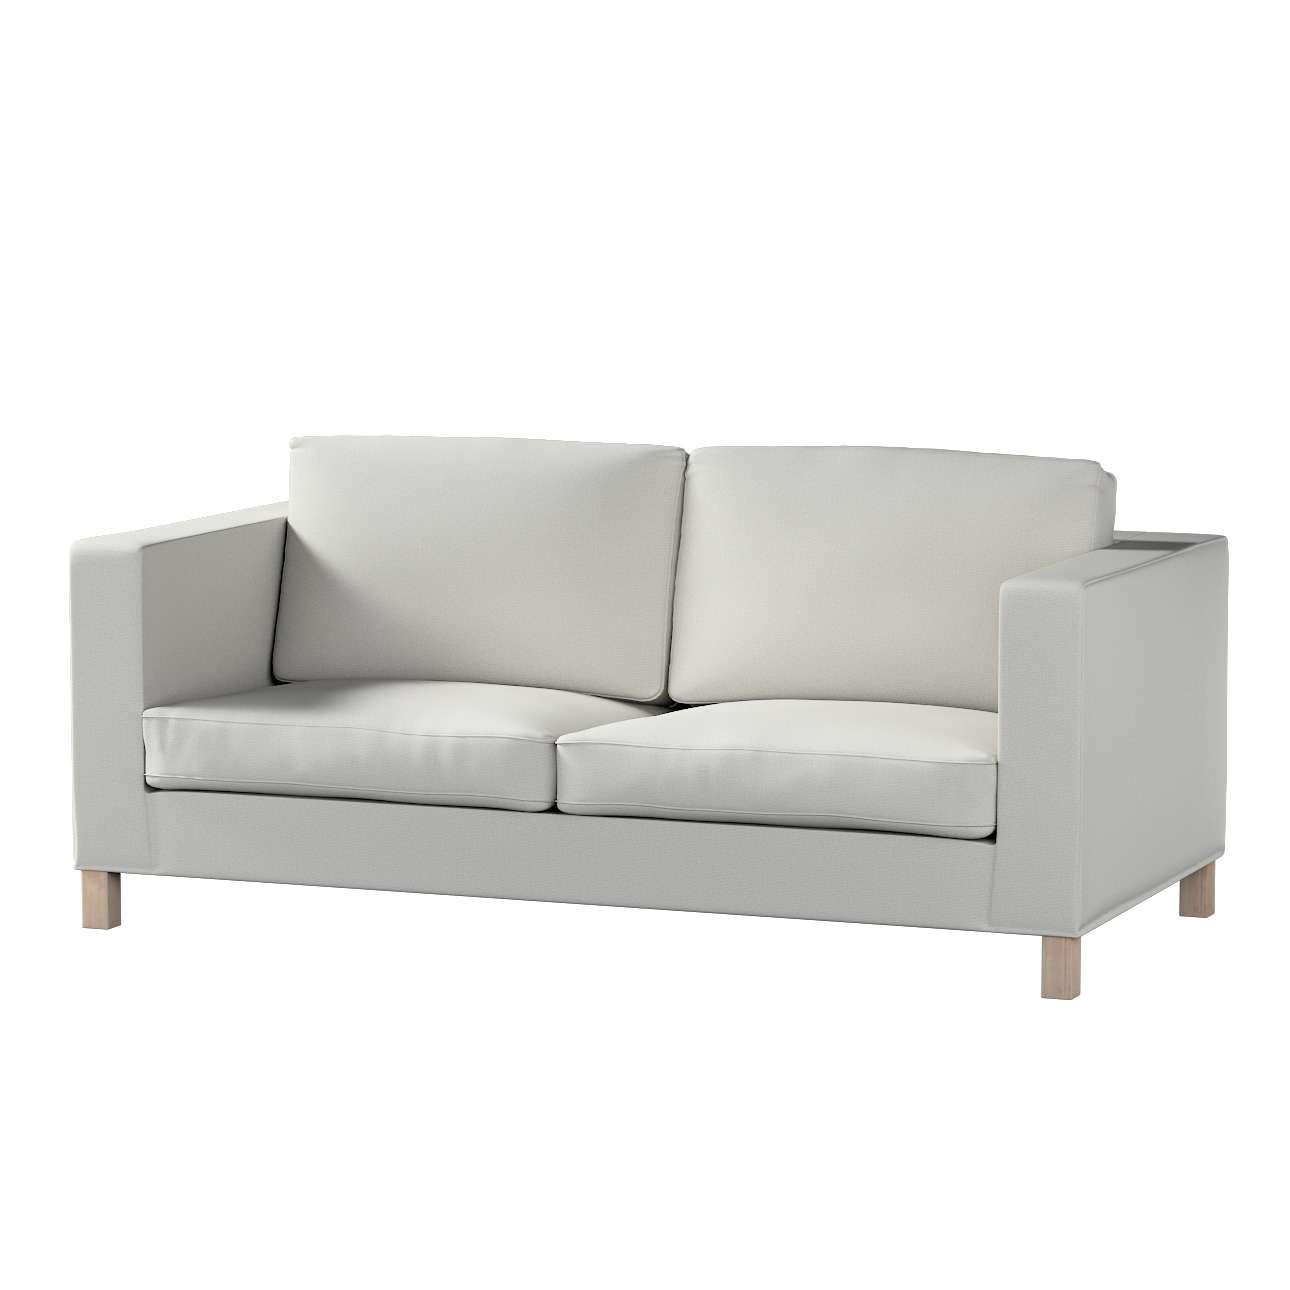 KARLANDA sofos lovos užvalkalas KARLANDA sofos lovos užvalkalas kolekcijoje Etna , audinys: 705-90